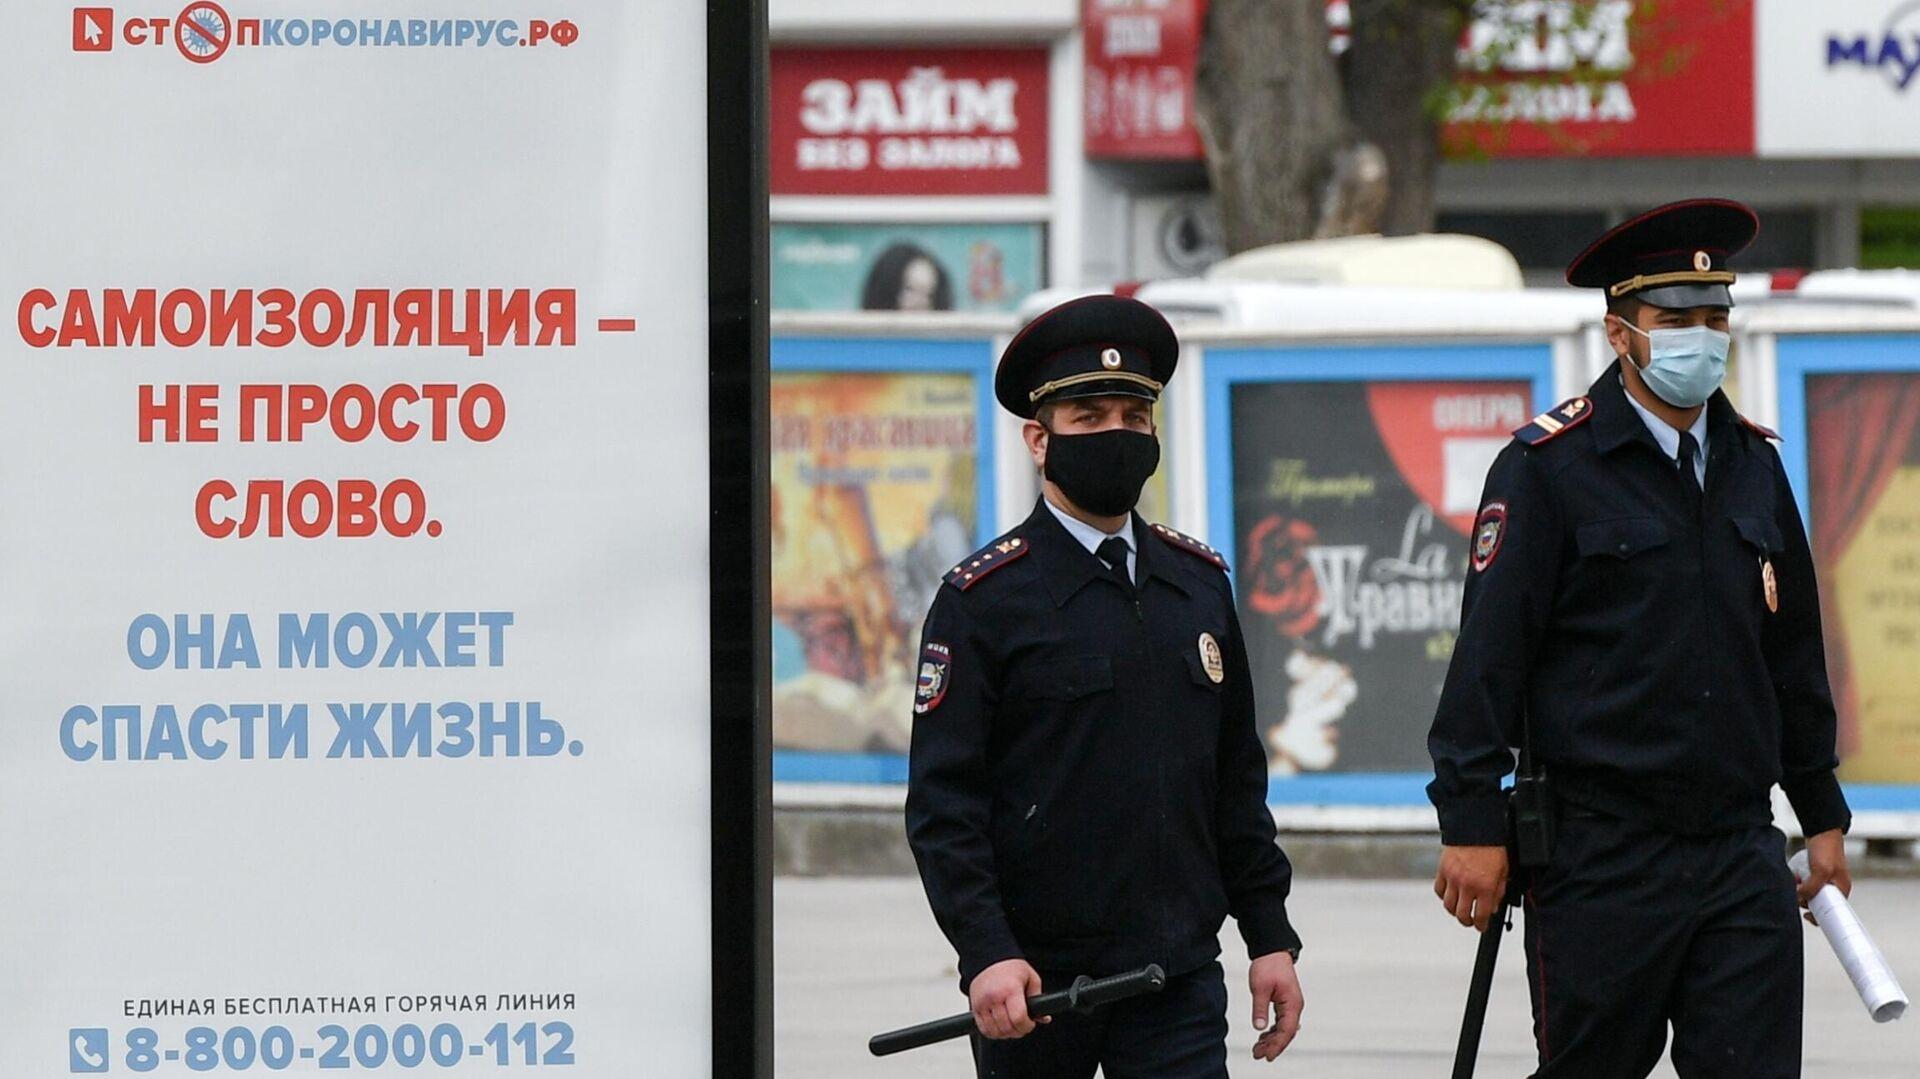 Сотрудники полиции в защитных масках - РИА Новости, 1920, 10.11.2020